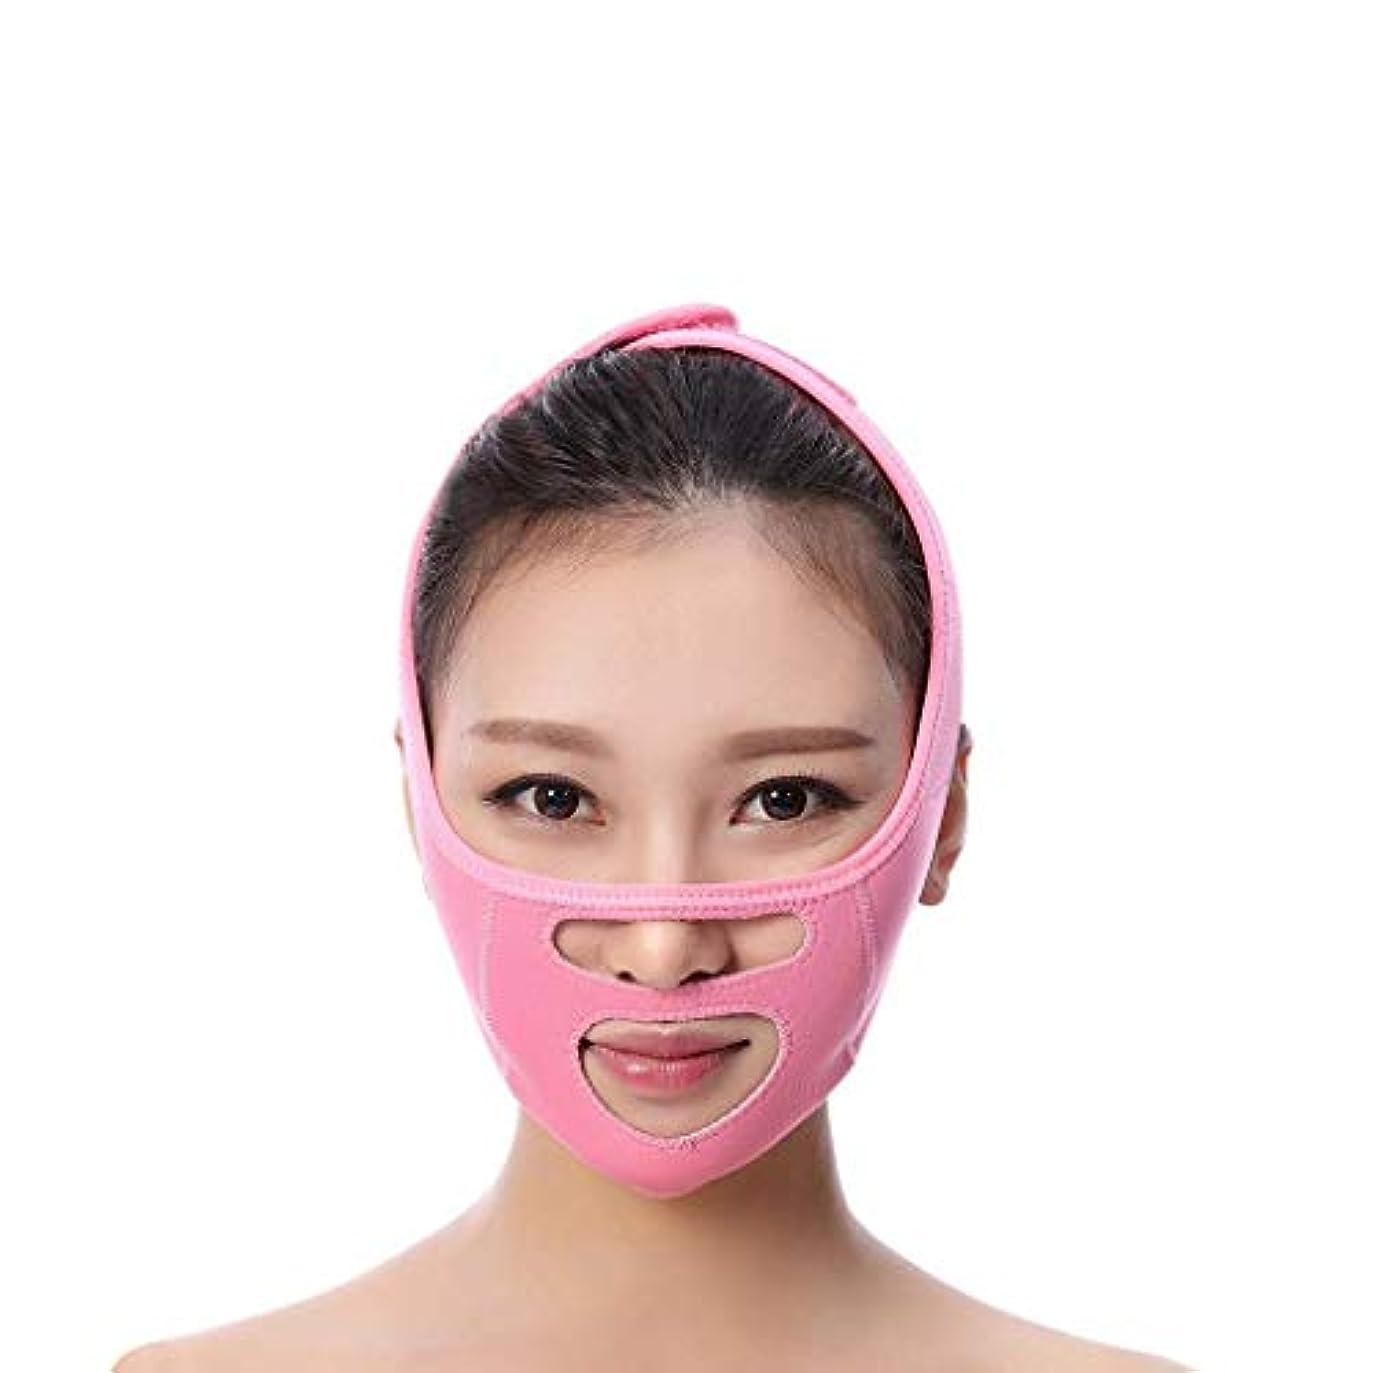 豊富な火山学者渇きフェイスリフトテープ&バンド、フェイススリミングマスク、ダブルチン、ダブルチンリデューサー、シワ防止マスク、リフティングシェイプ(フリーサイズ)(カラー:ピンク),ピンク